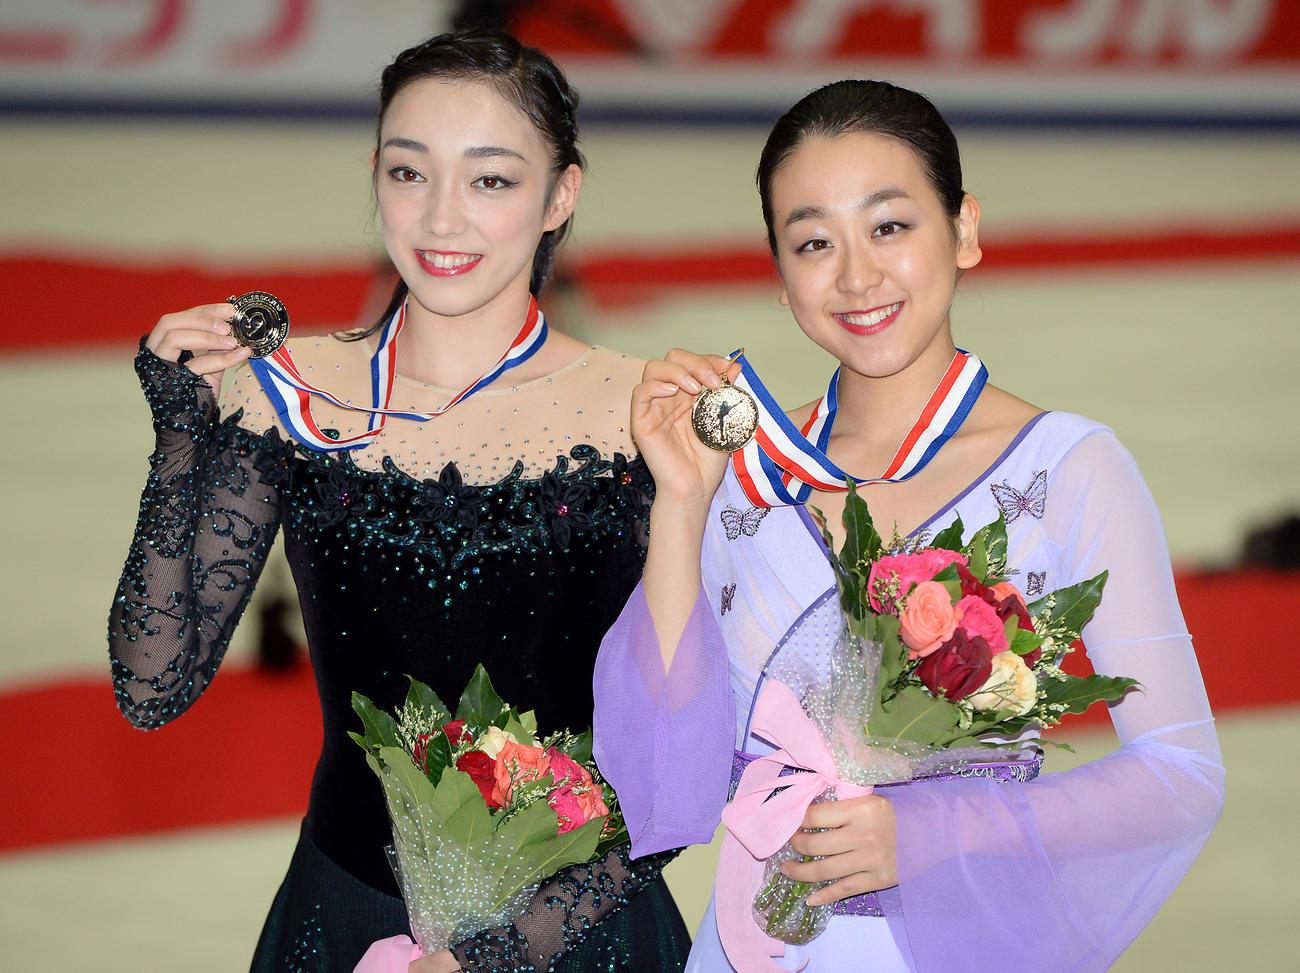 15年中国杯を制した浅田真央(右)は2位の本郷理華と一緒に笑顔を見せる(2015年11月7日撮影)